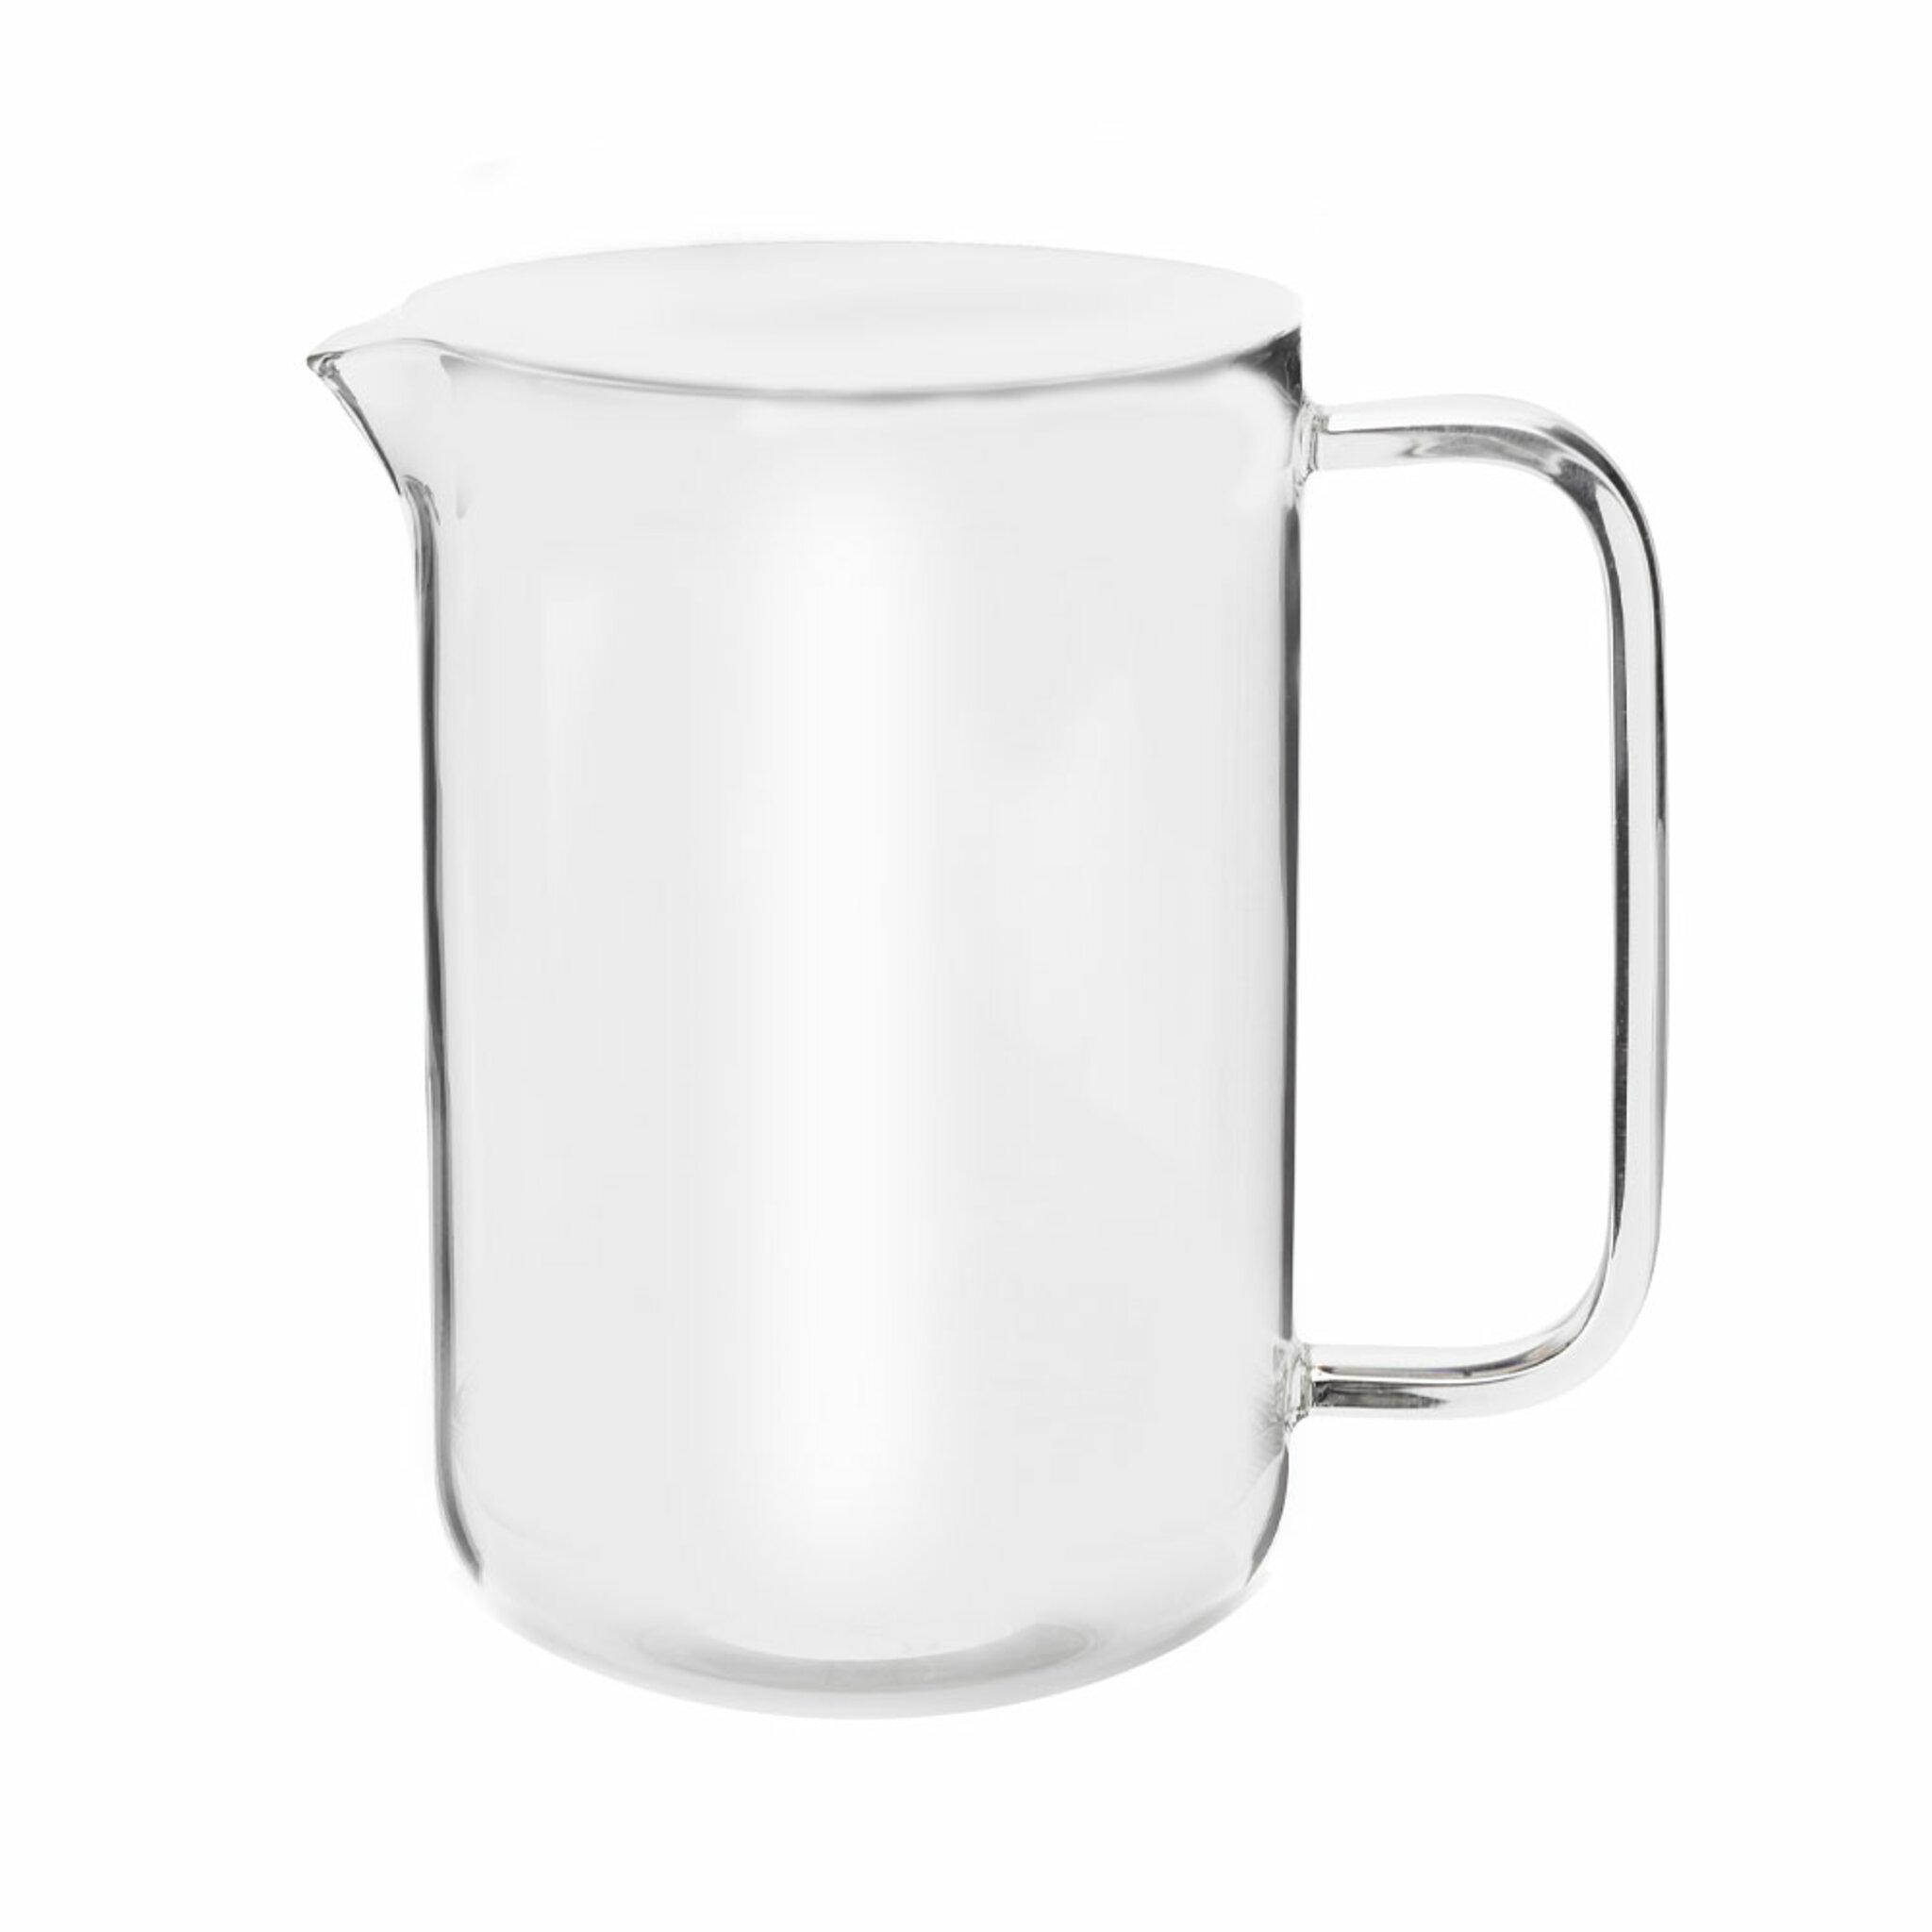 Glas till presskanna BREW-IT